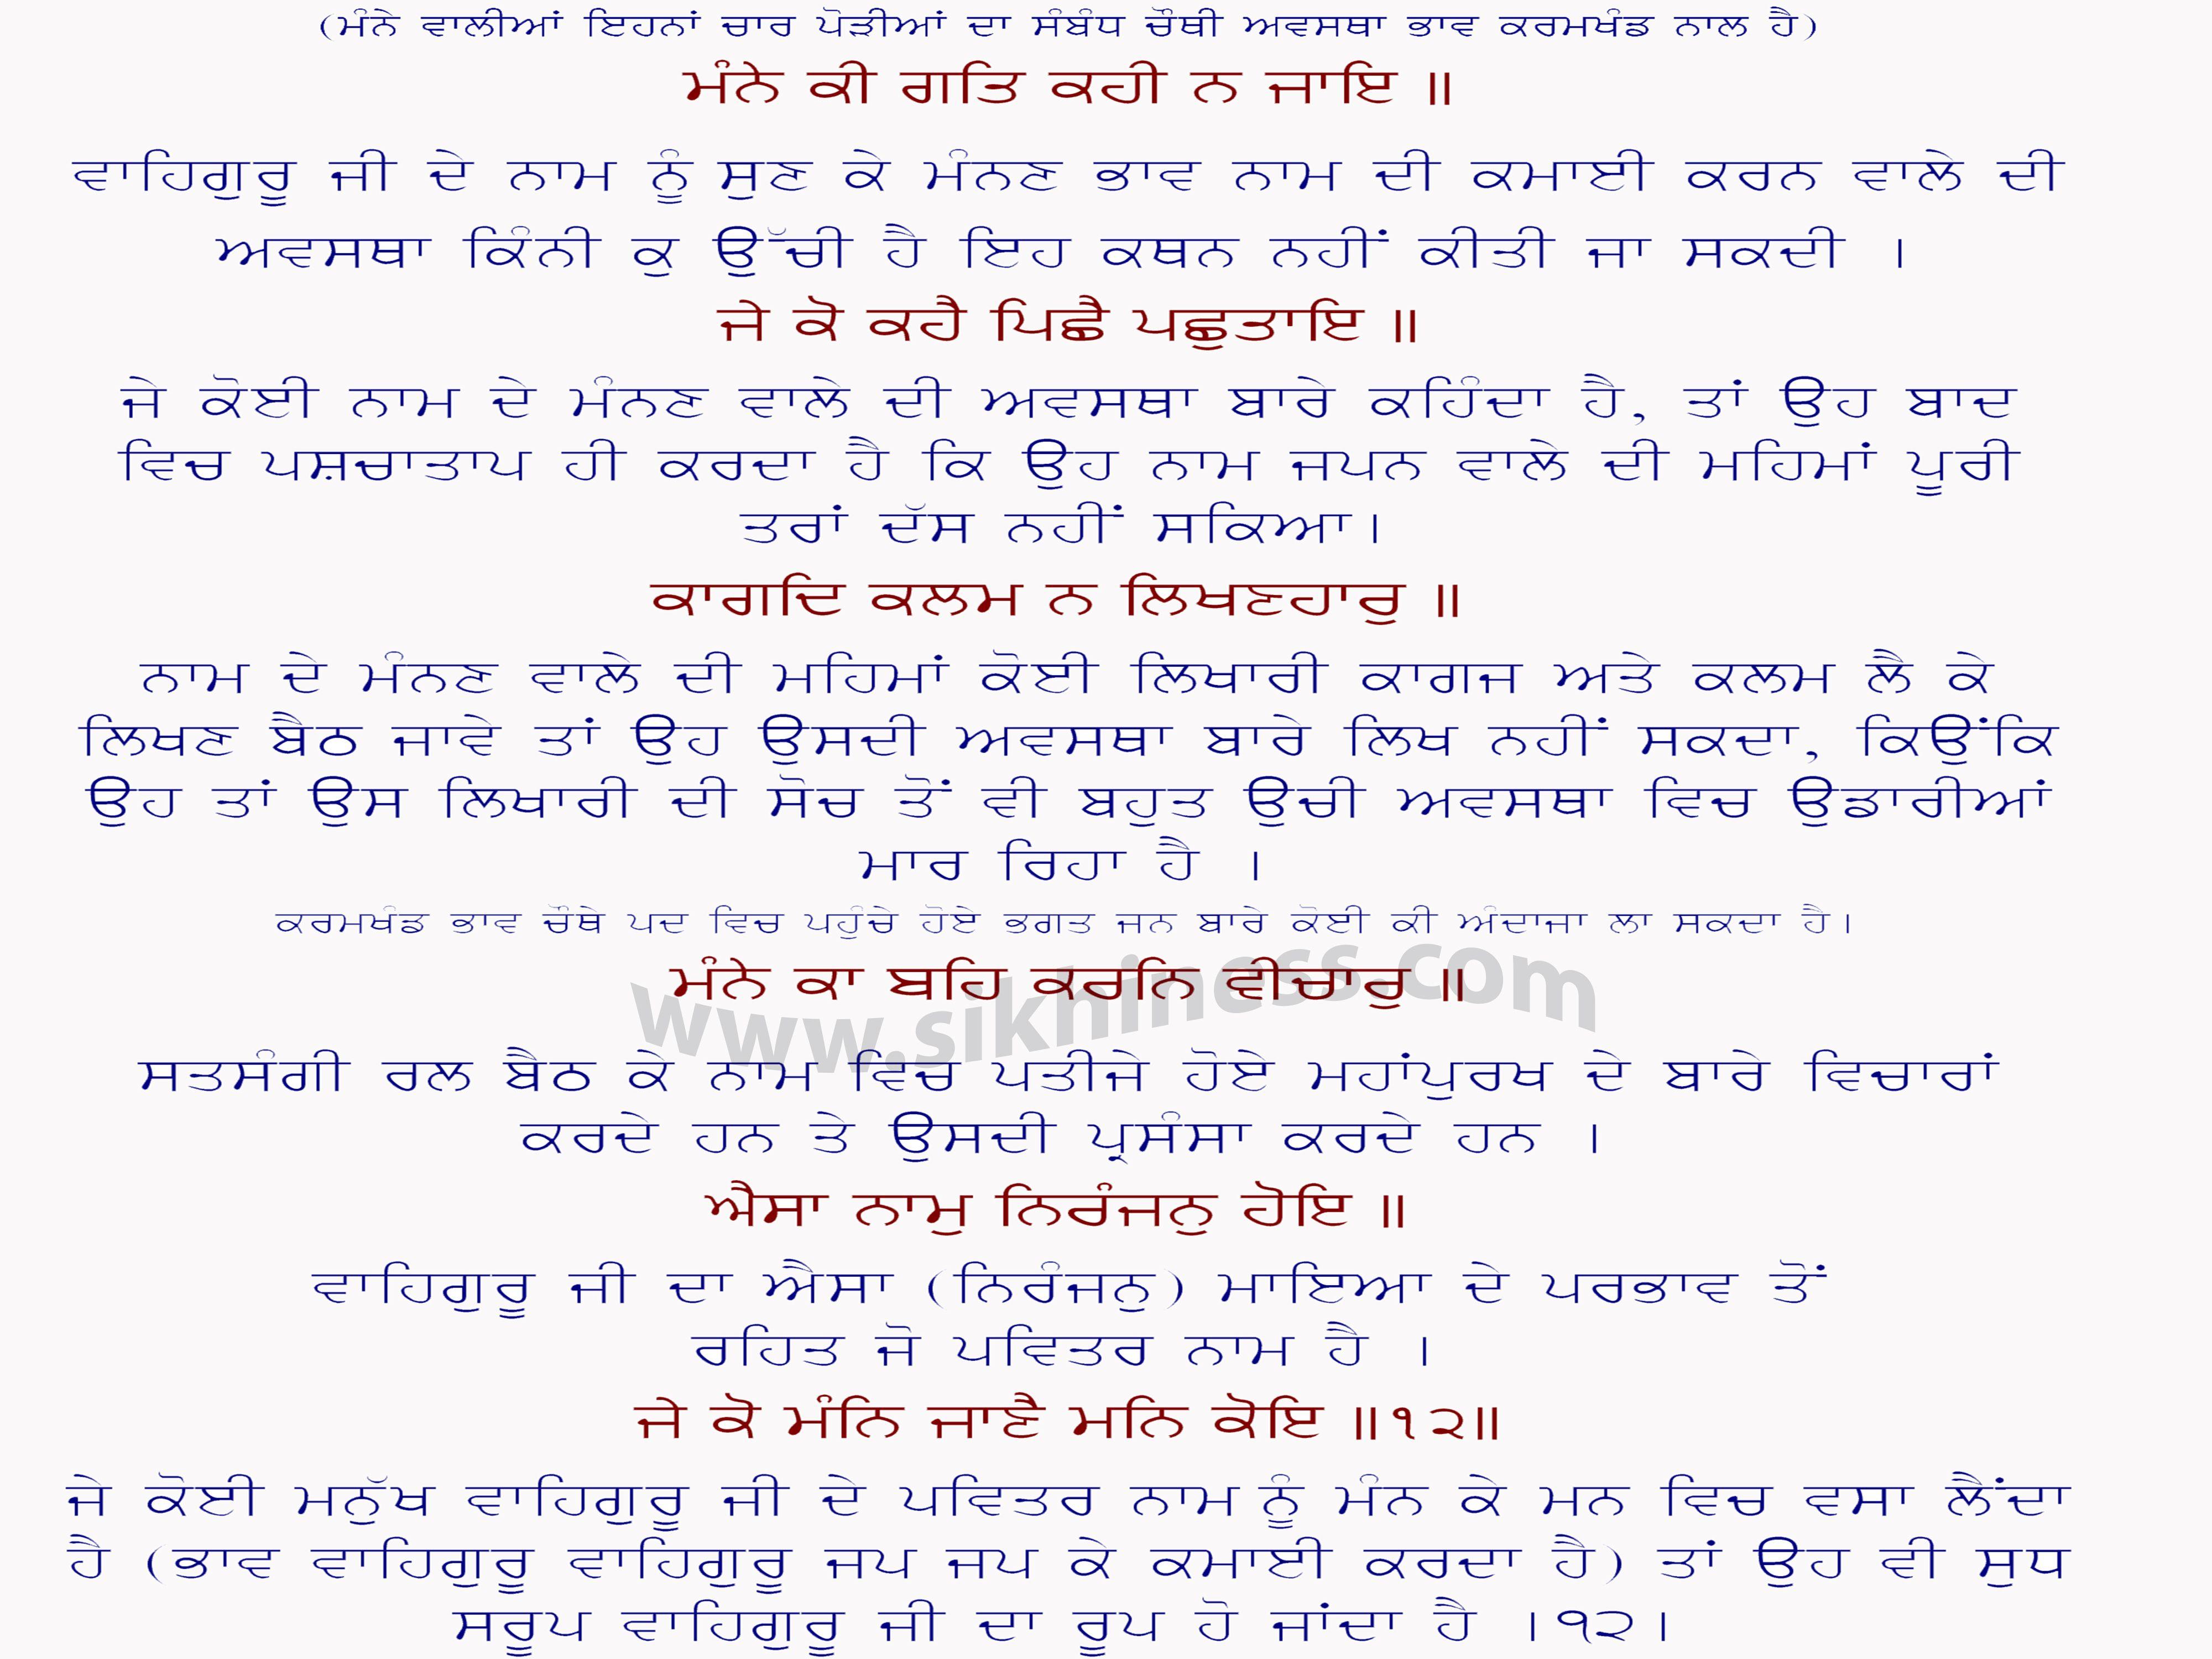 Tnam Shri Waheguru Ji Gursikhaa Ki Har Dhuudh Deh